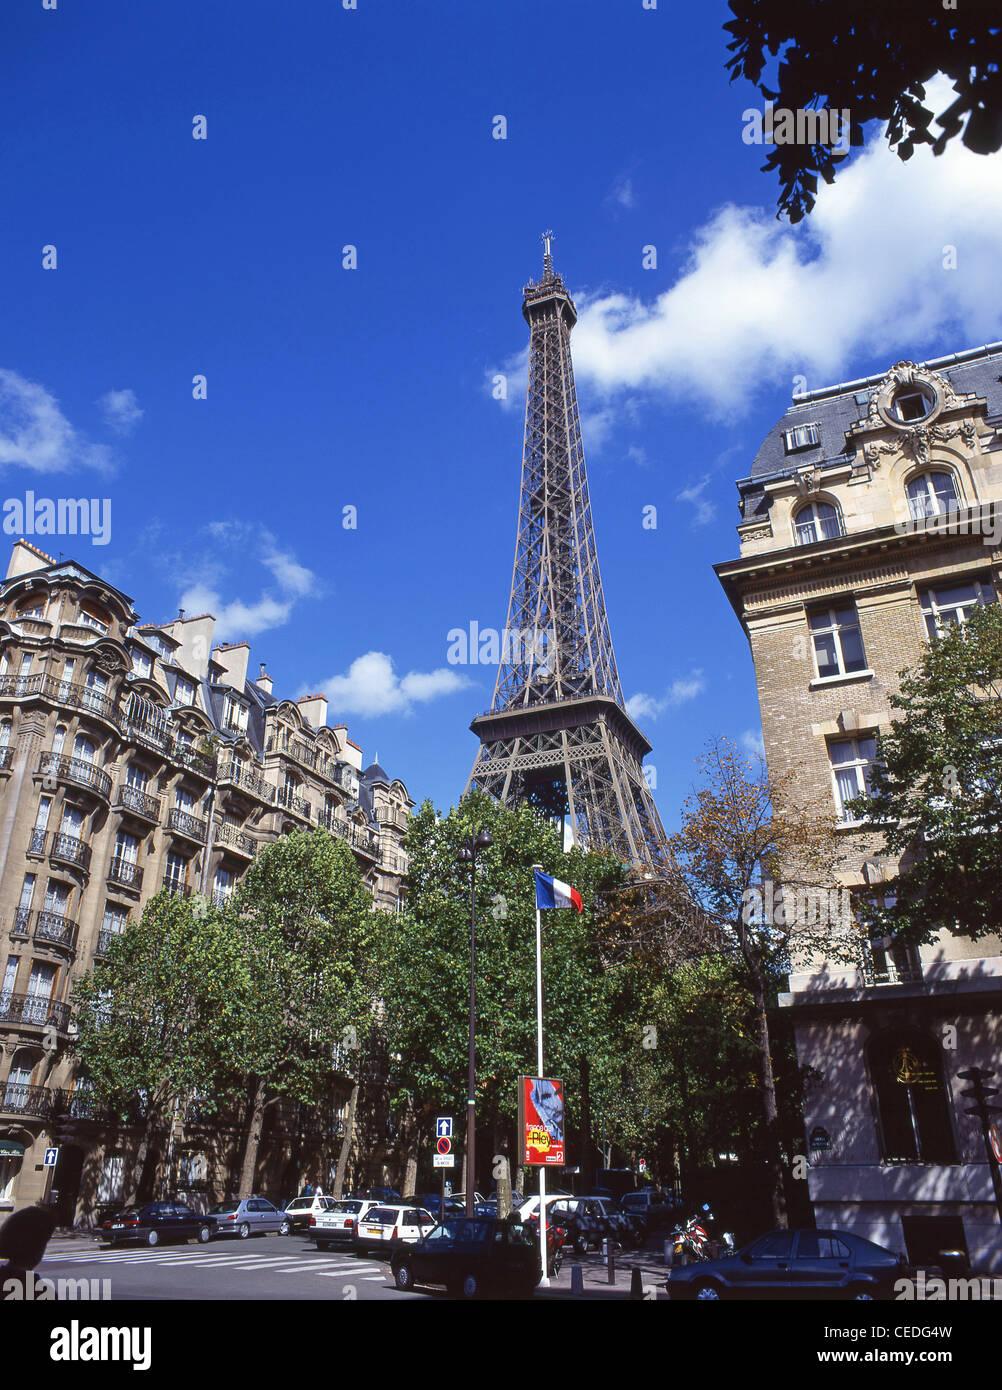 The Eiffel Tower from Avenue de Suffren, Paris, Île-de-France, France - Stock Image